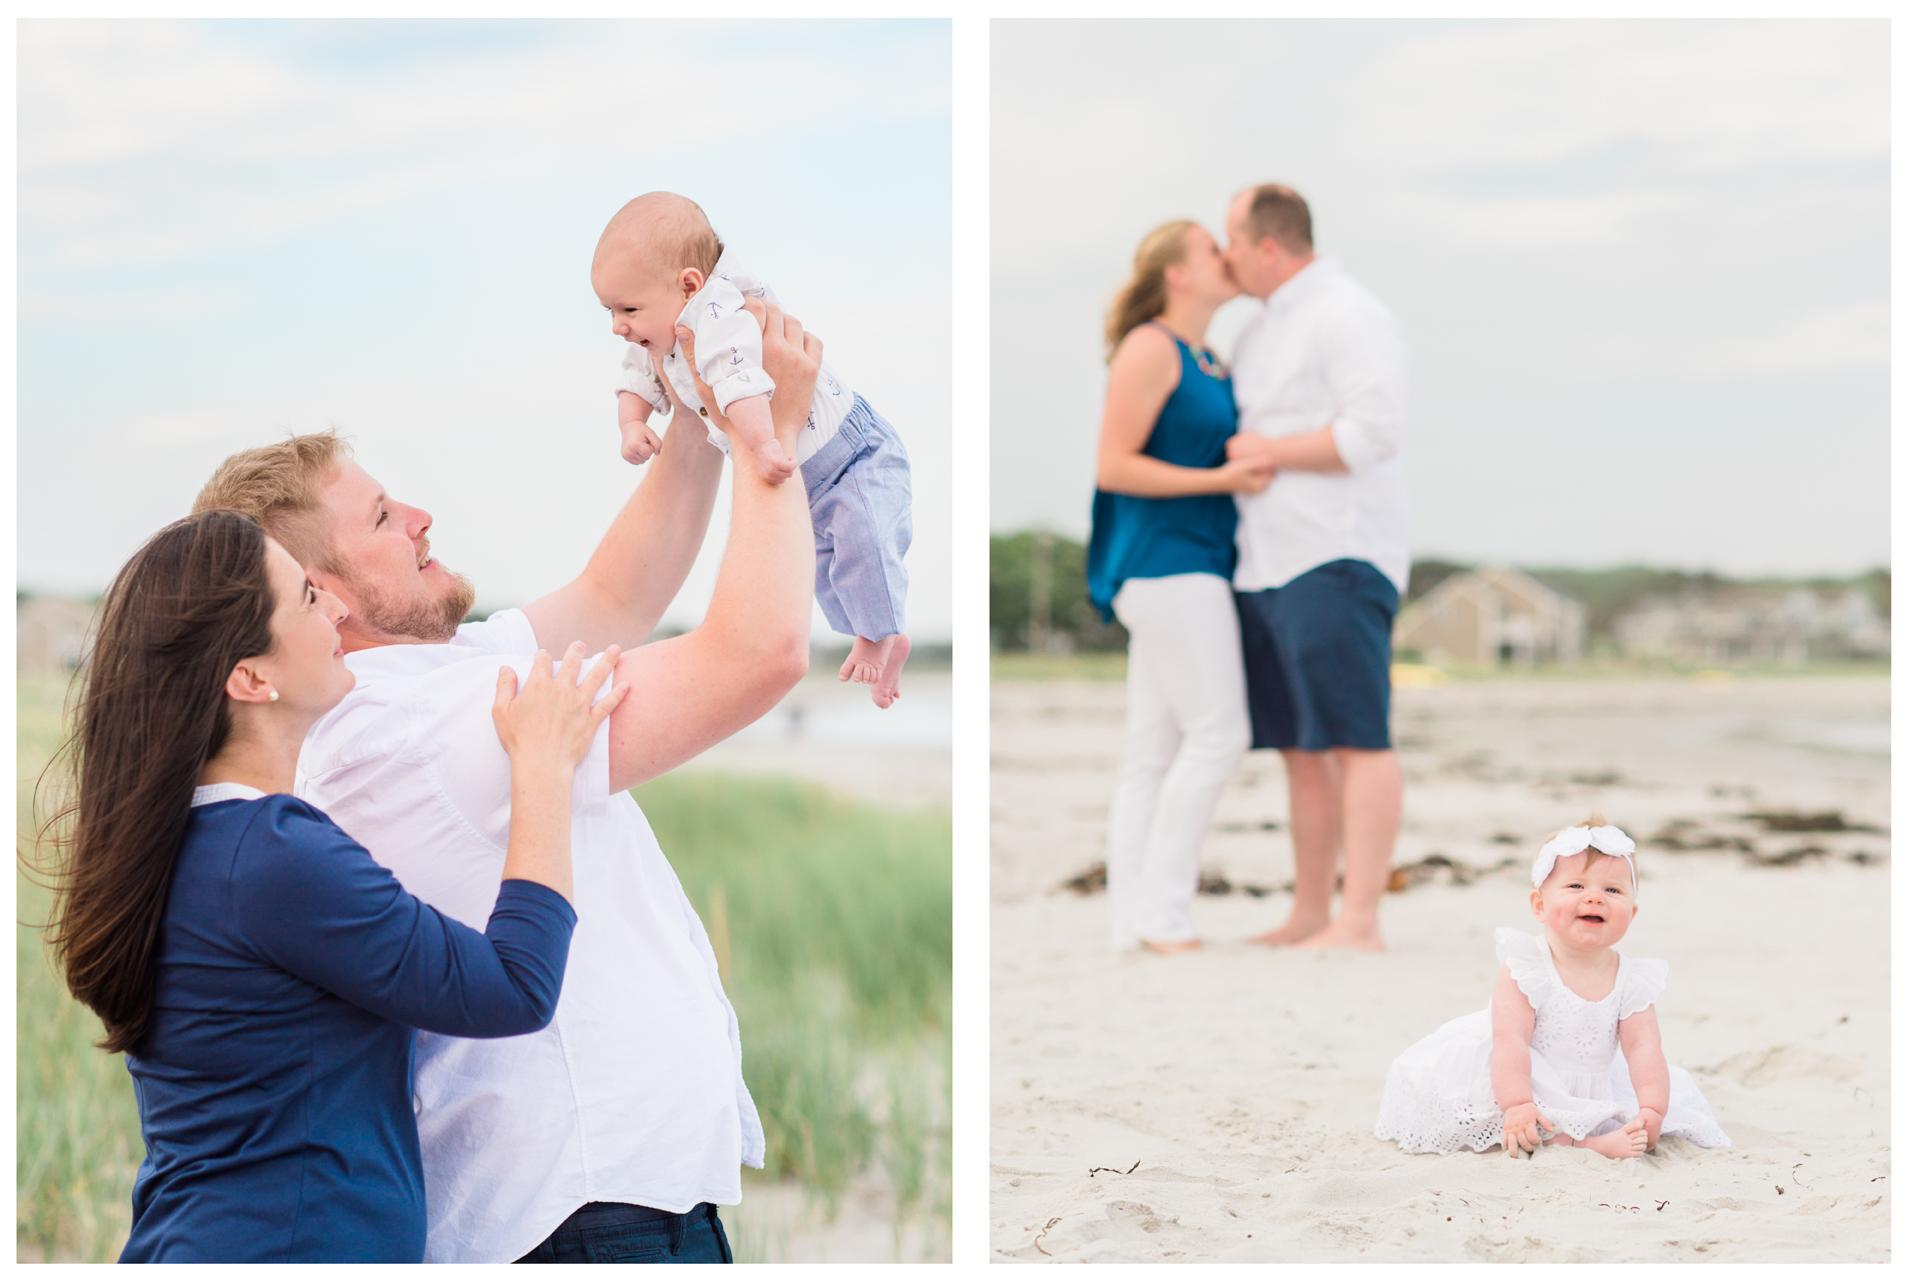 Family-Photographer-Sweet-Light-Portraits84.jpg